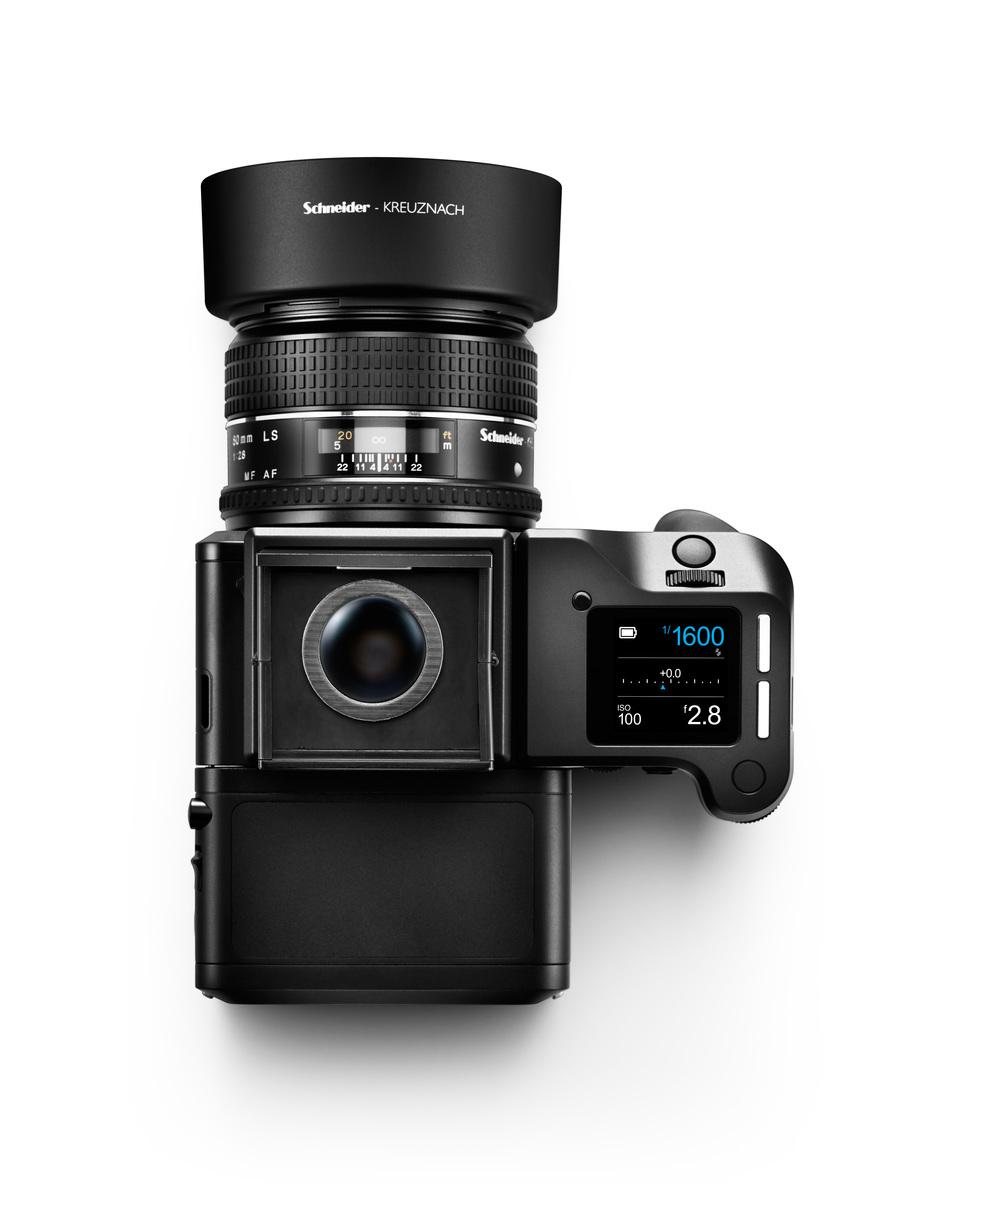 BIG_XF-waist-IQ3-80MP-80mmLS-topview_edit.jpg